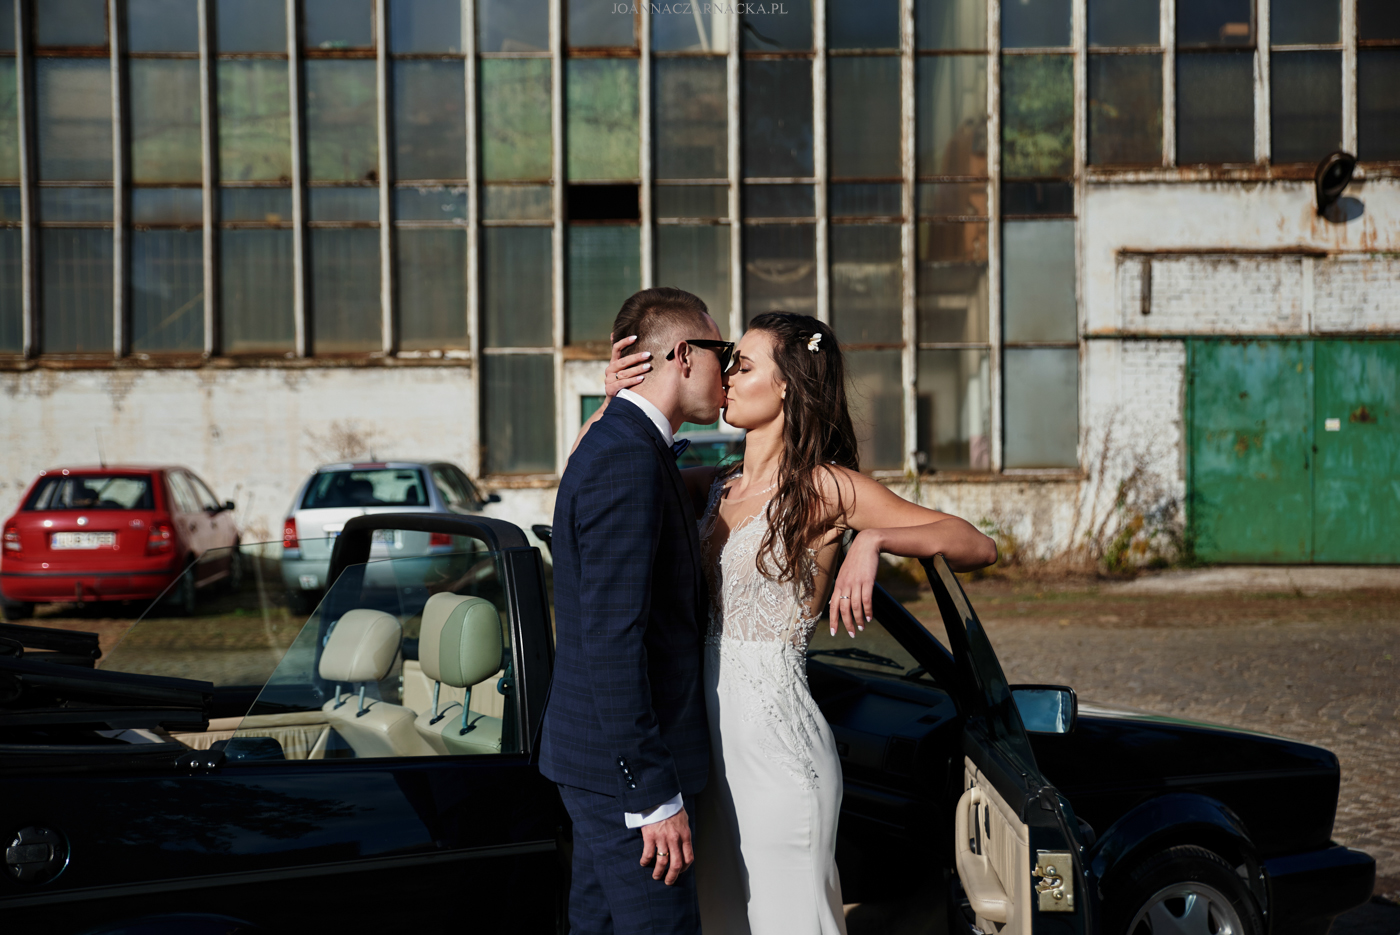 sesja ślubna z autem